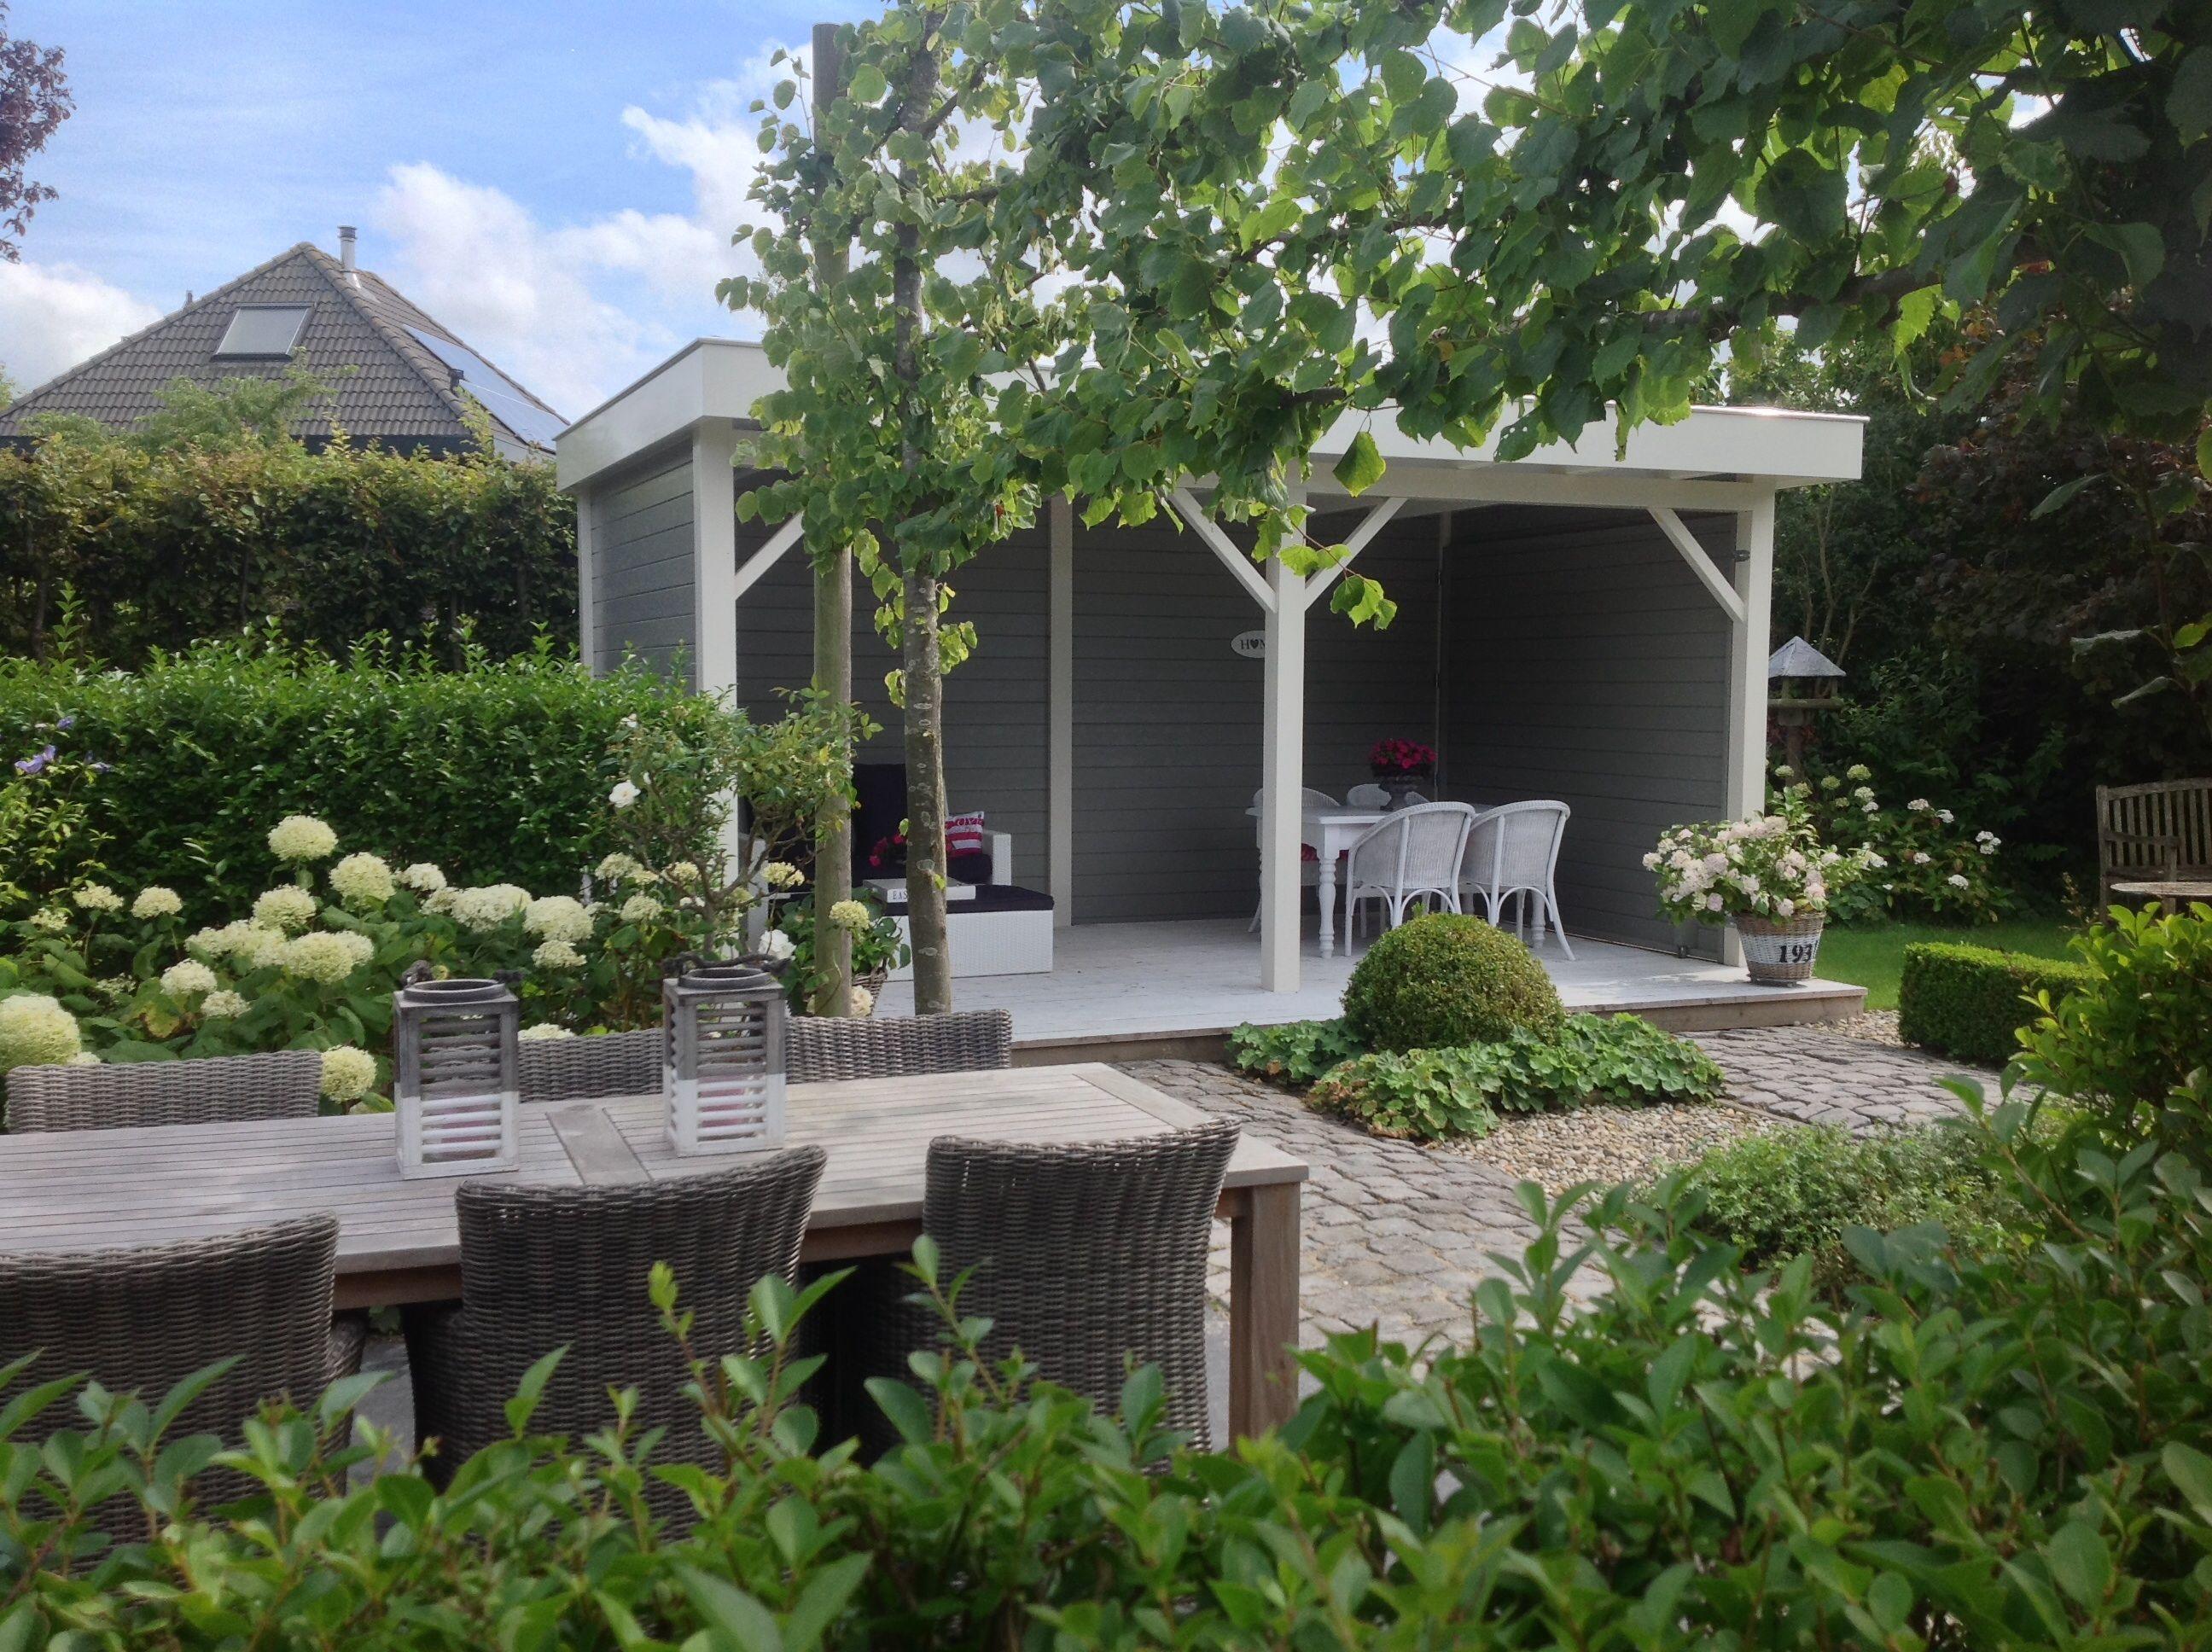 Zoo blij met onze veranda achter in de tuin! Tuin en